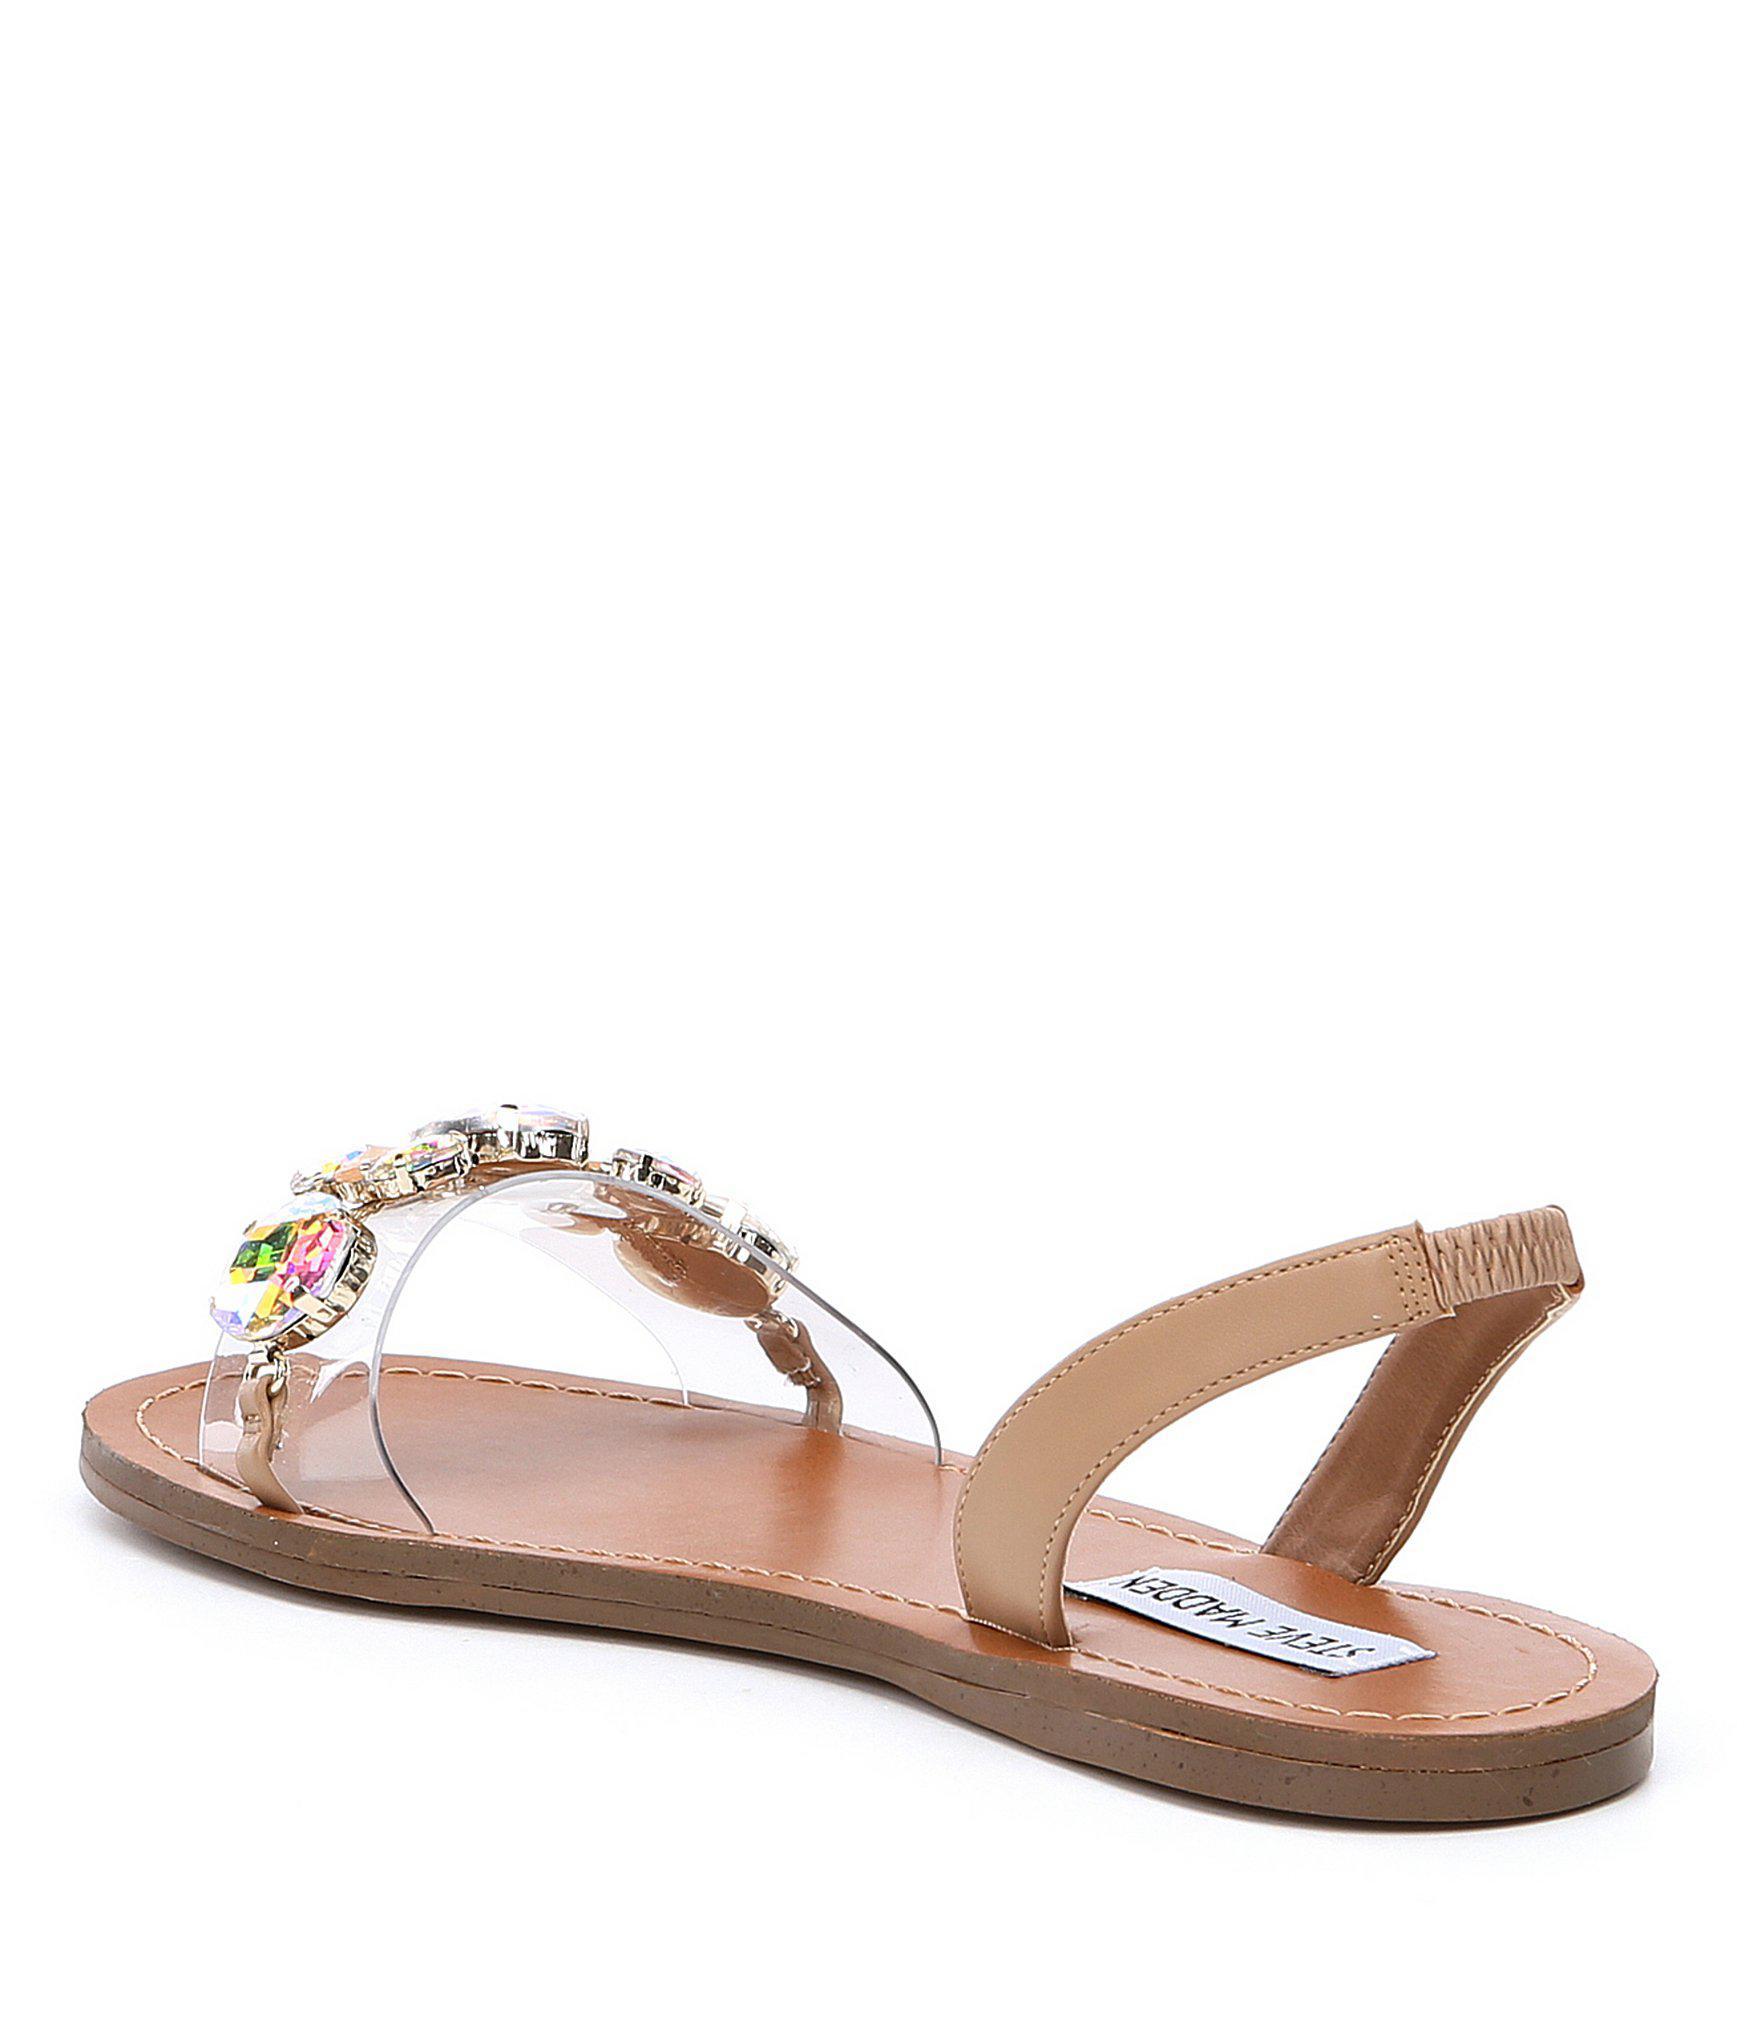 dc800815199 Steve Madden Multicolor Alice Lattice Transparent Slingback Jewel Sandals